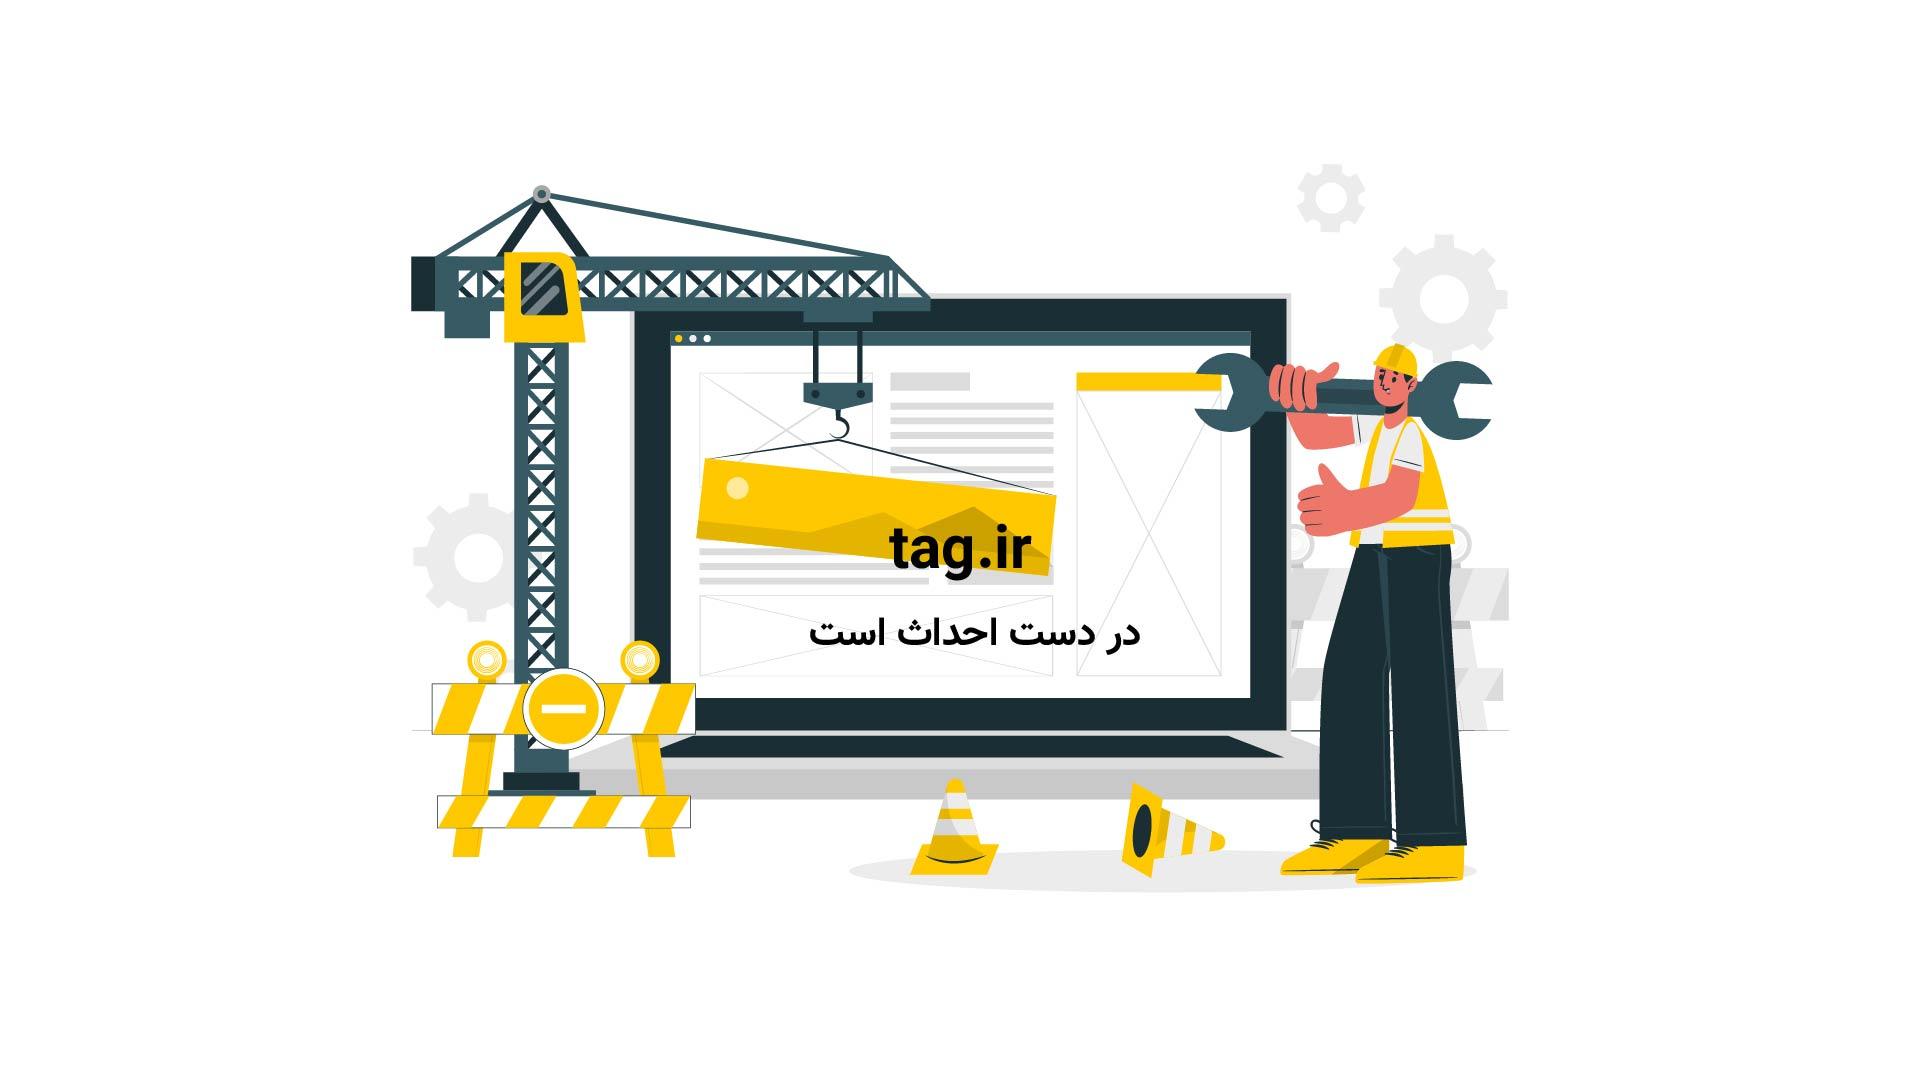 ماهی آروانا | تگ